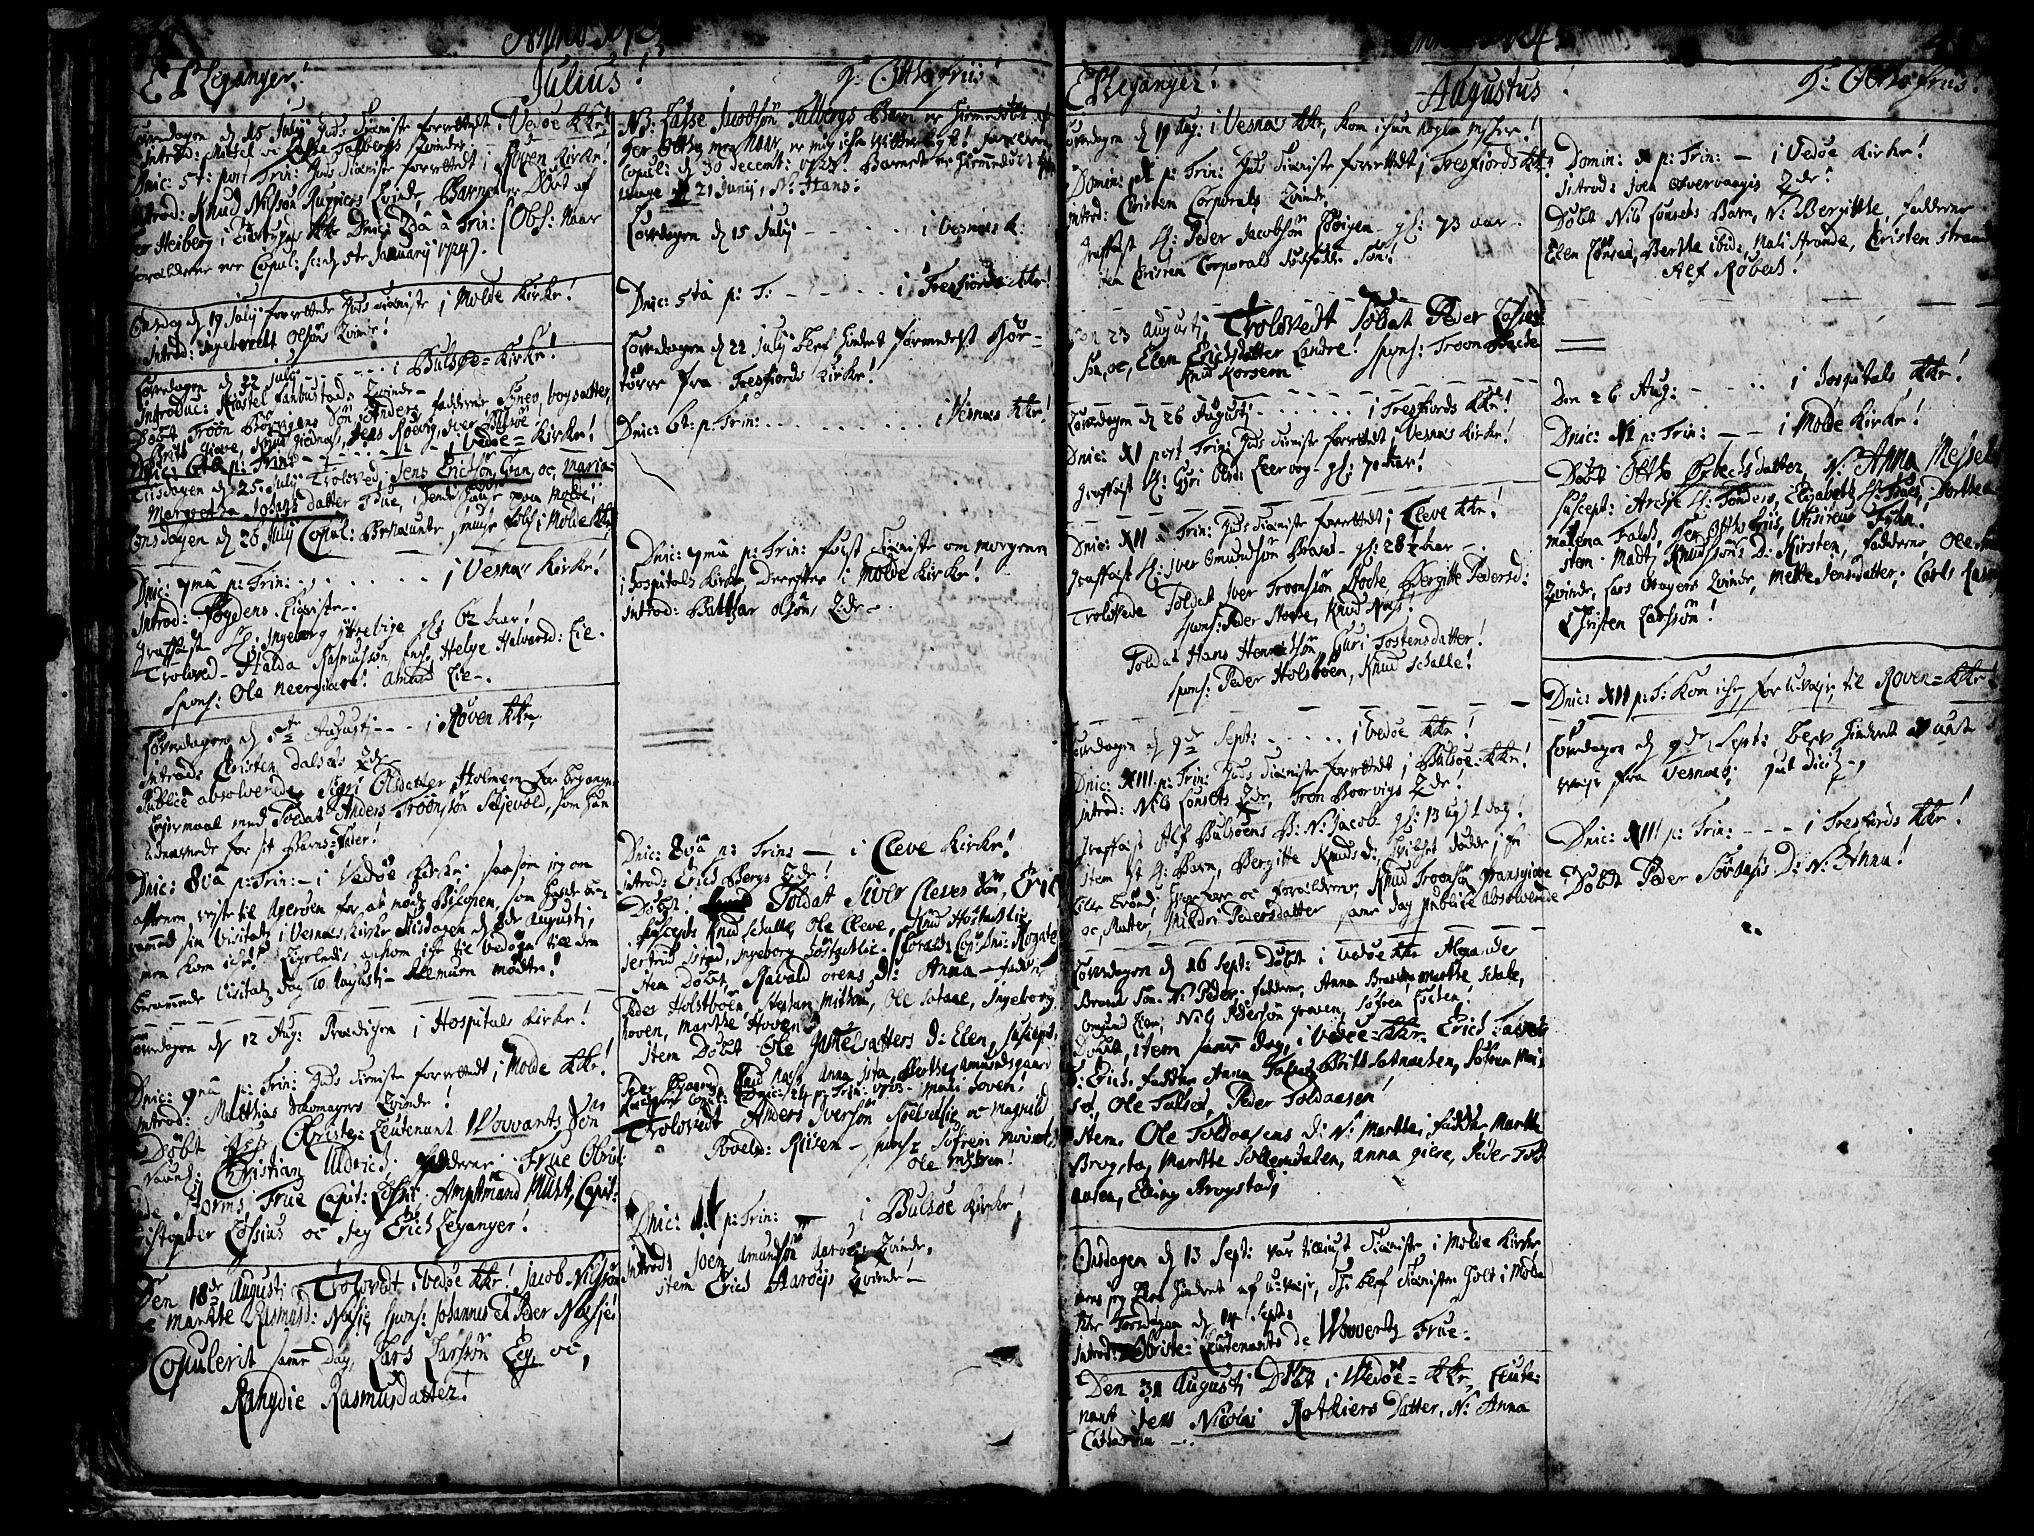 SAT, Ministerialprotokoller, klokkerbøker og fødselsregistre - Møre og Romsdal, 547/L0599: Ministerialbok nr. 547A01, 1721-1764, s. 50-51